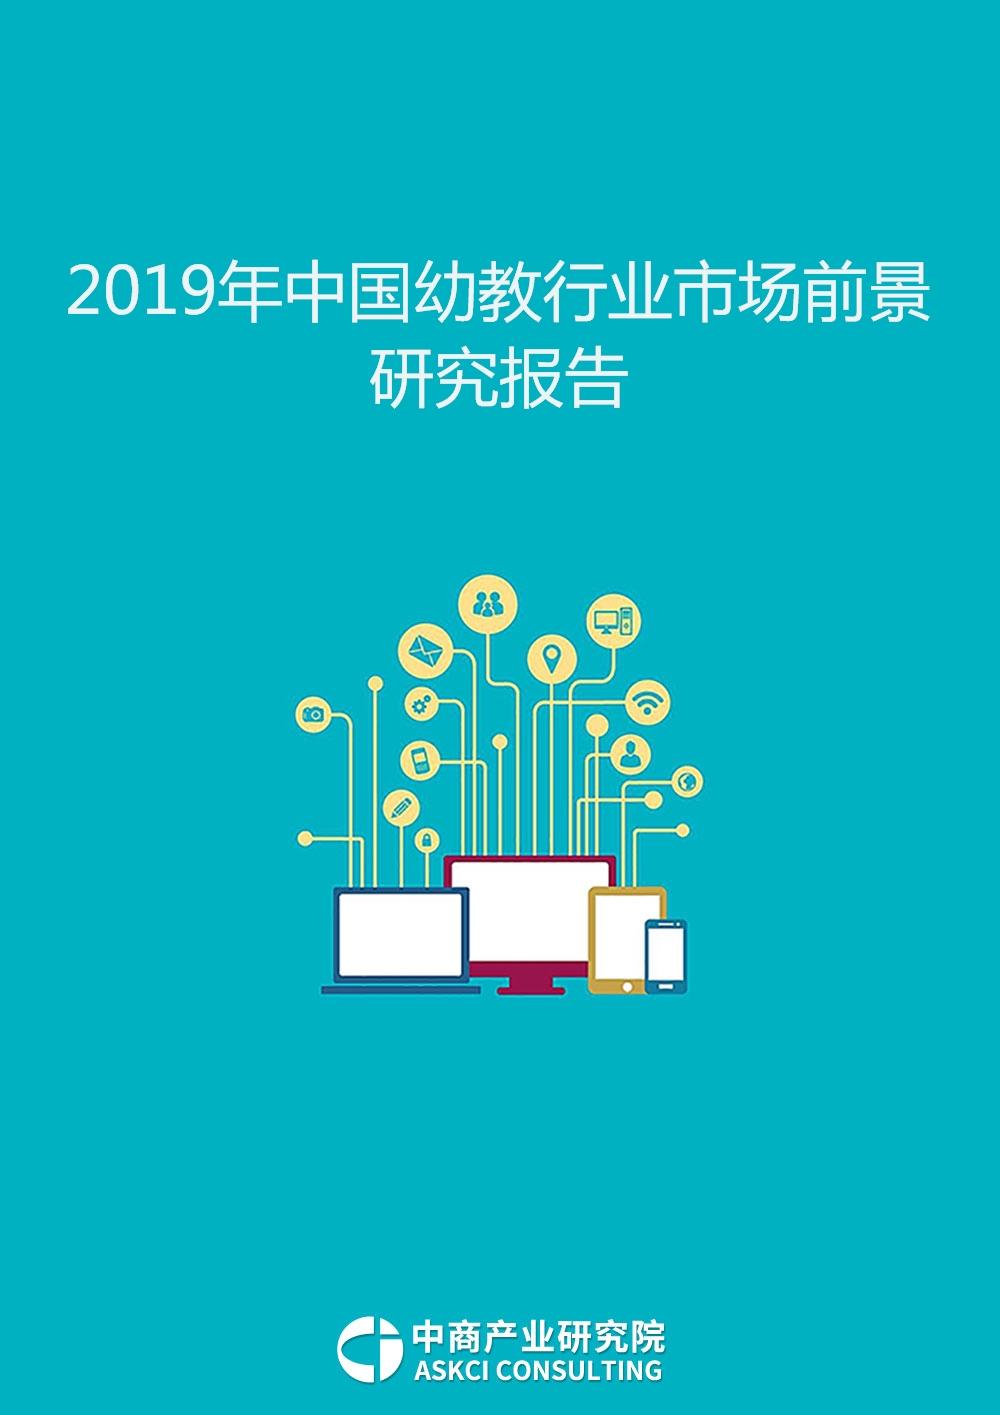 2019年中国幼教行业市场前景研究报告